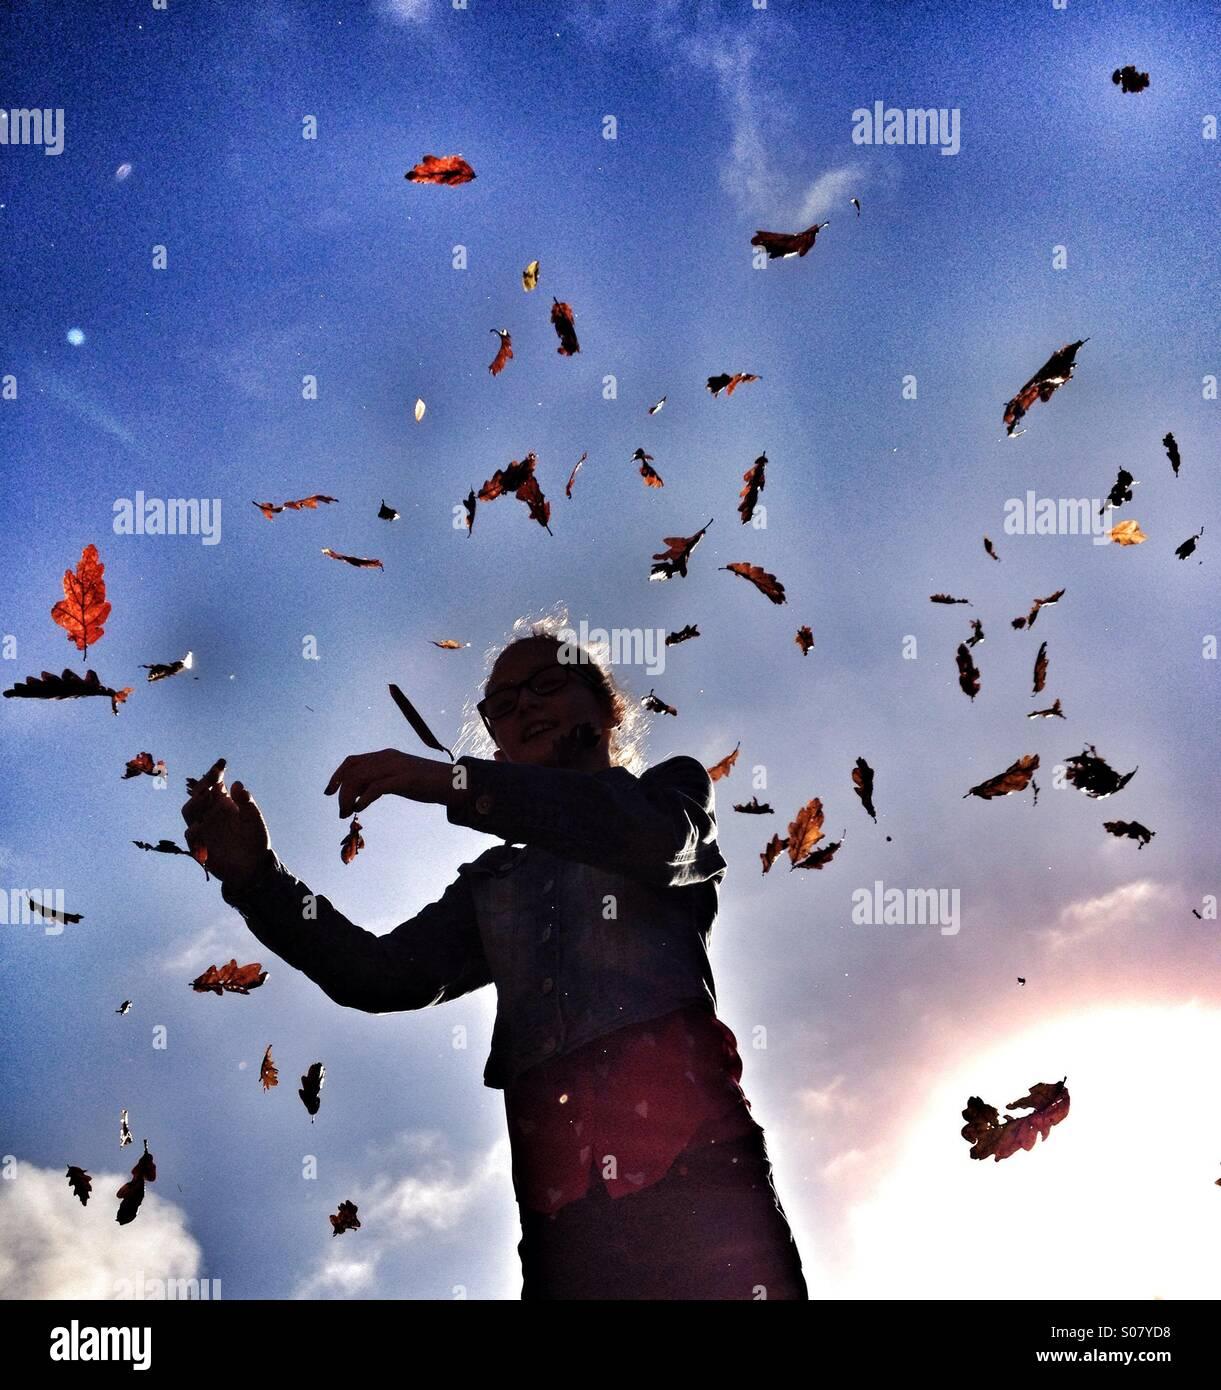 Junges Mädchen mit Herbstblätter fallen um sie herum Stockbild